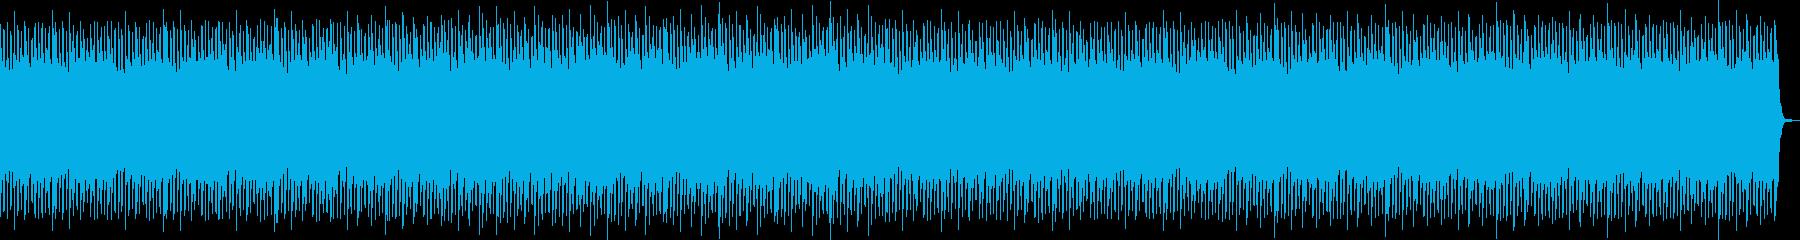 学校紹介・学部紹介・優しい・ポップスの再生済みの波形